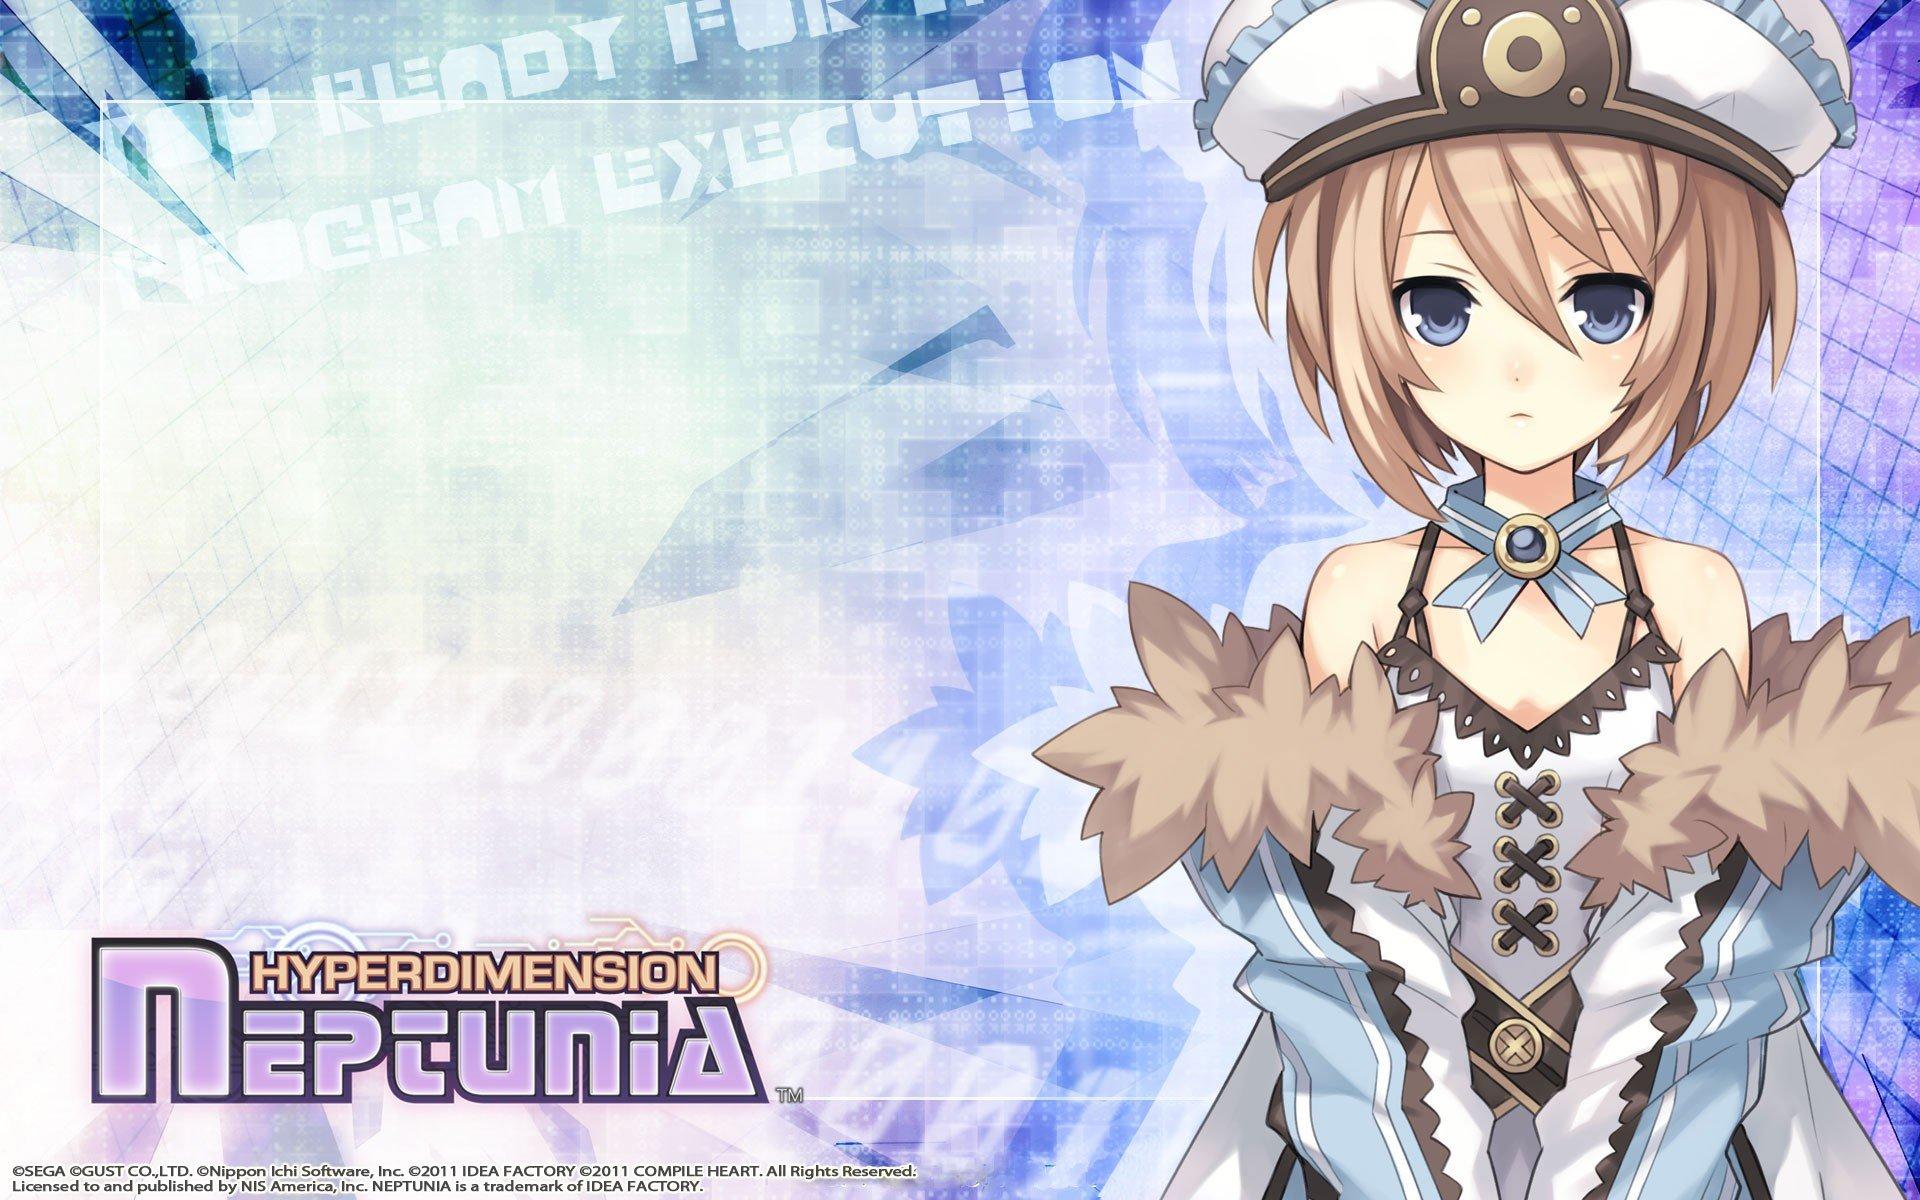 Brunettes Video Games Anime Girls Hyperdimension Neptunia Blanc